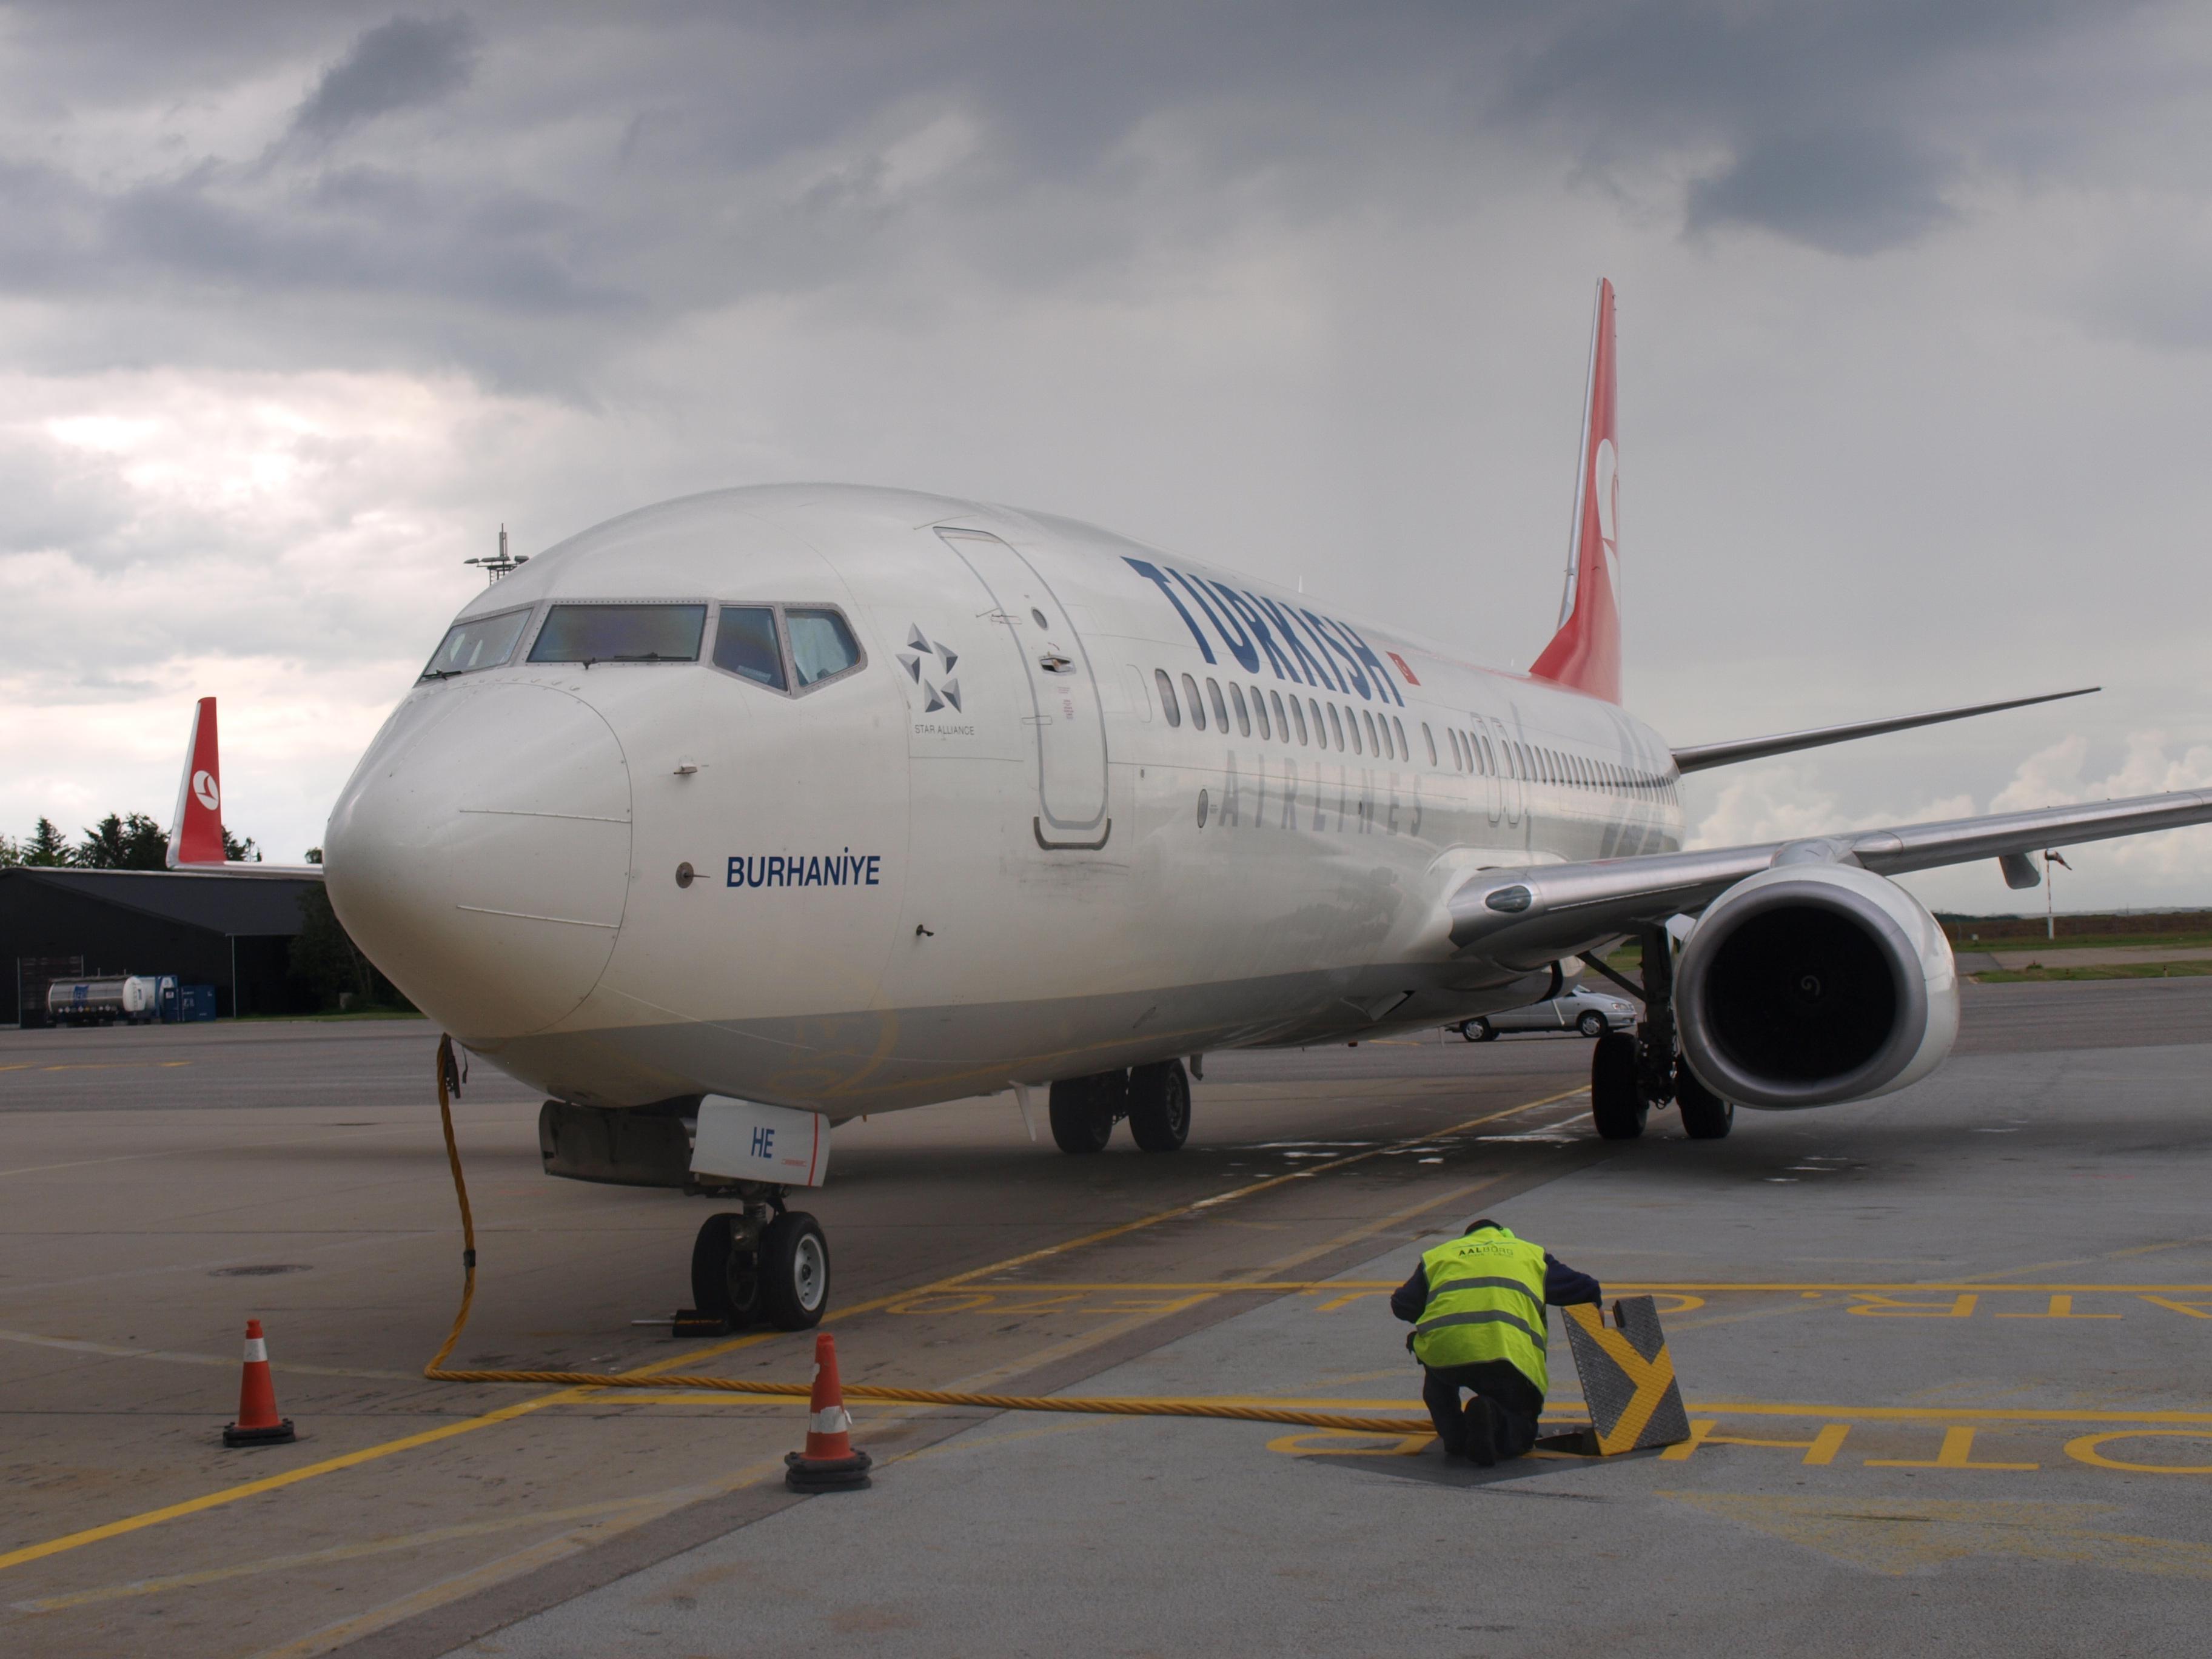 Boeing  737-800 flyet  Burhaniye var det første Turkish Airlines fly i Aalborg Lufthavn den 9. juli 2012. (Foto: Ole Kirchert Christensen)